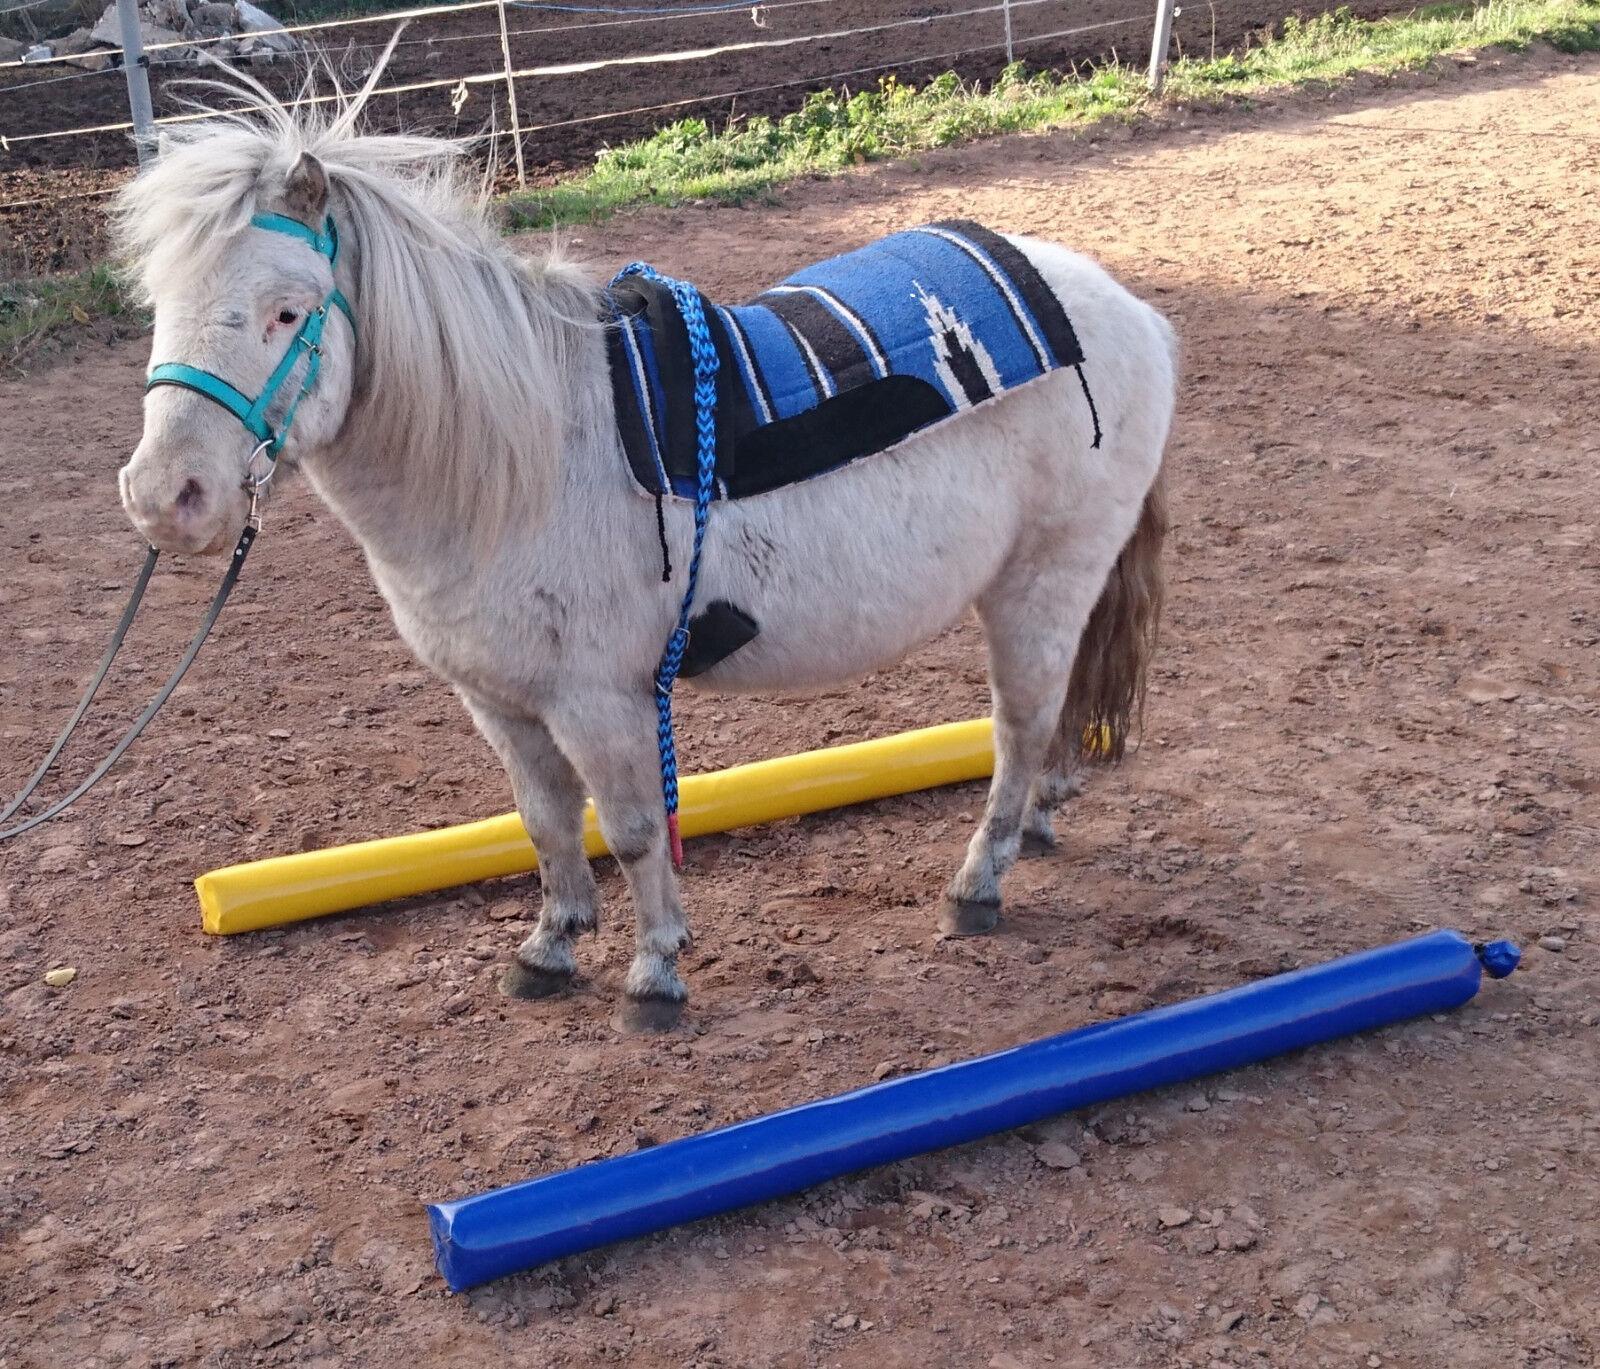 8x Bodenarbeits Stangen gefült 4 Blau 4 Gelb 1,5m für Ponys ähnlich Dualgassen